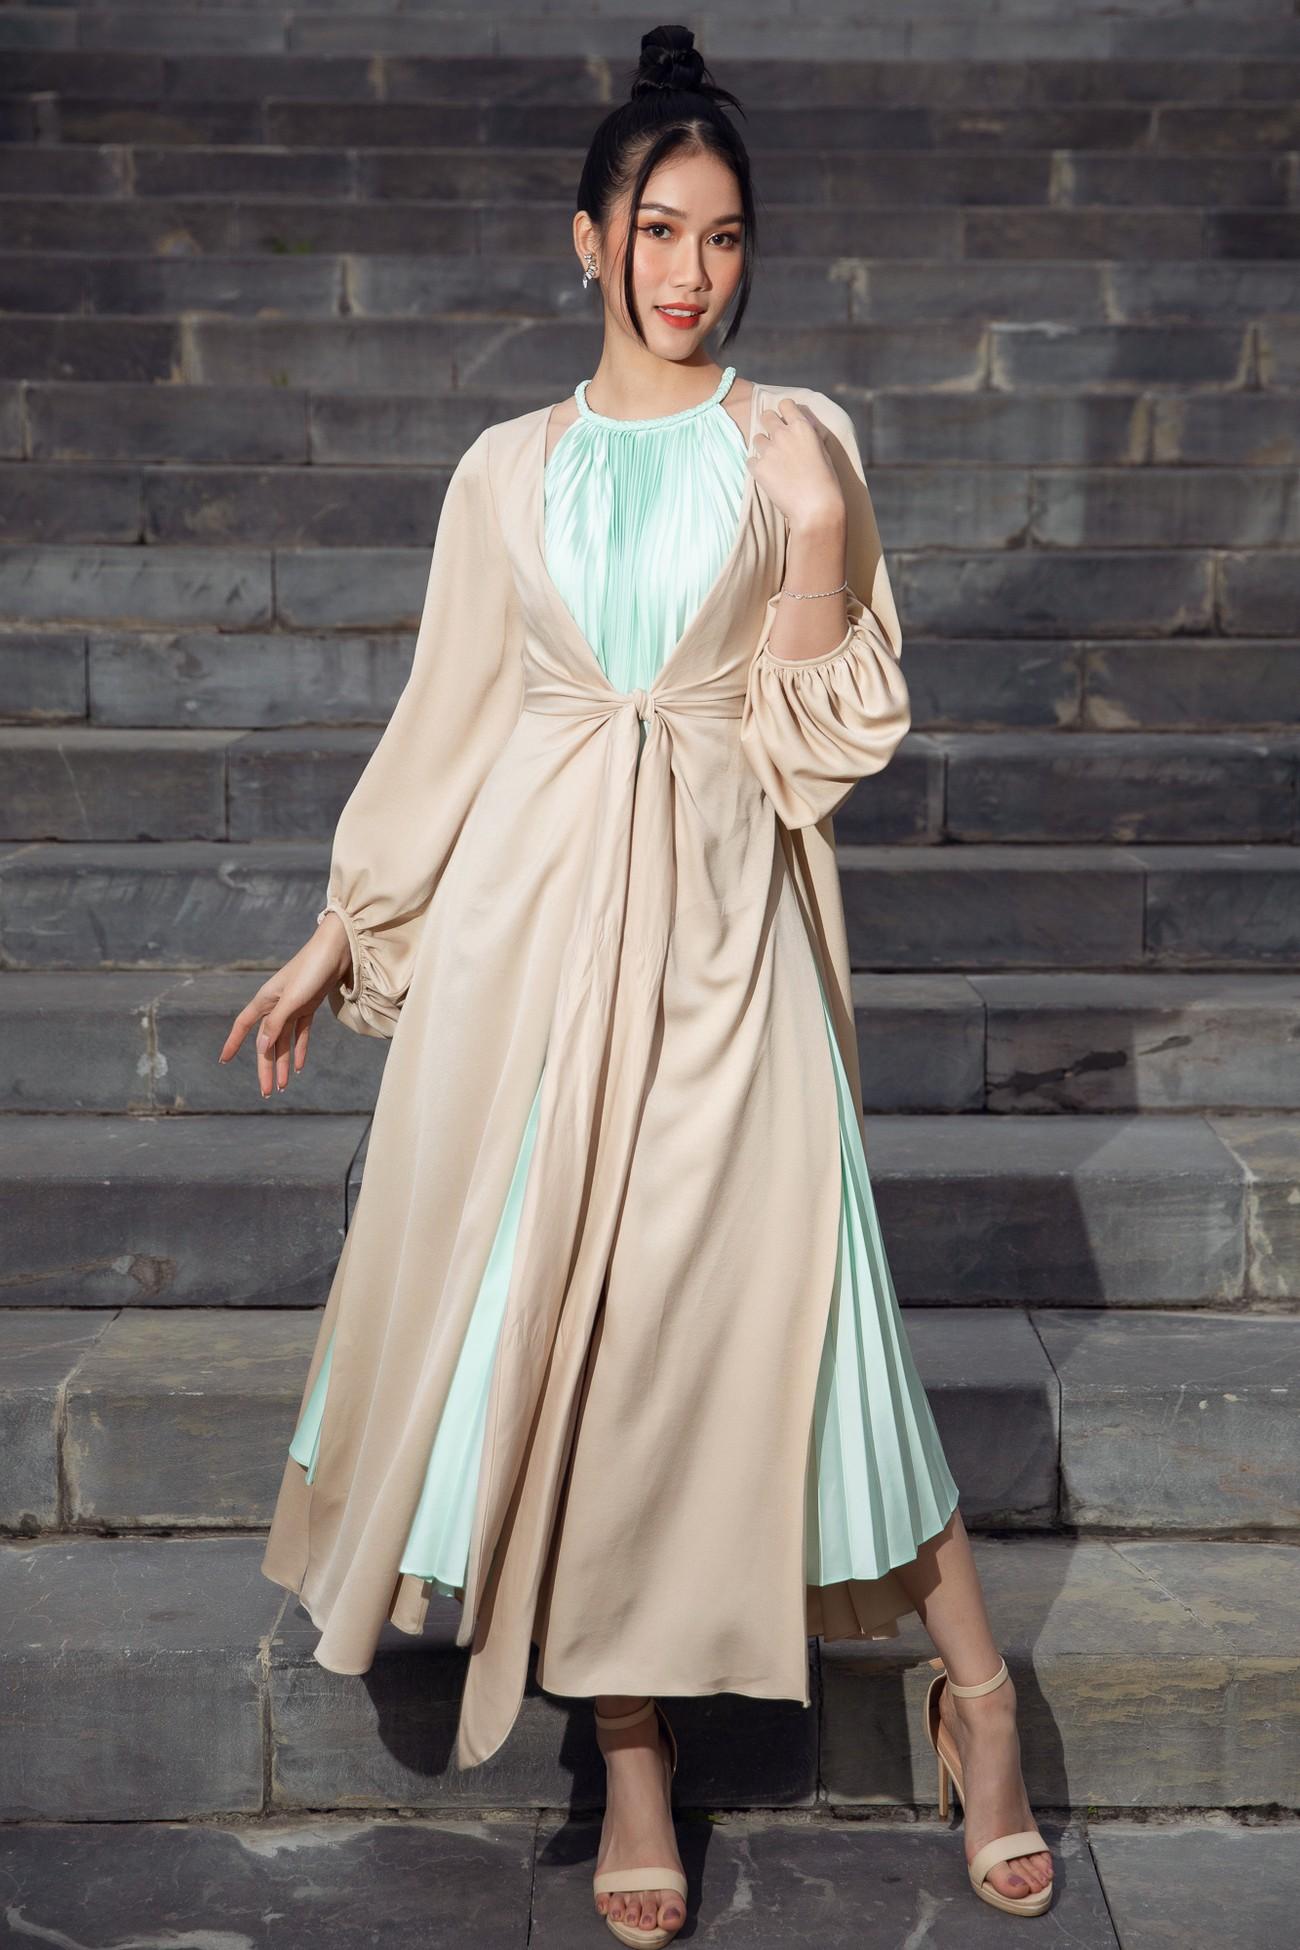 Tiểu Vy, Đỗ Mỹ Linh cùng dàn hậu mặc váy yếm quyến rũ giữa tiết trời lạnh giá ảnh 8